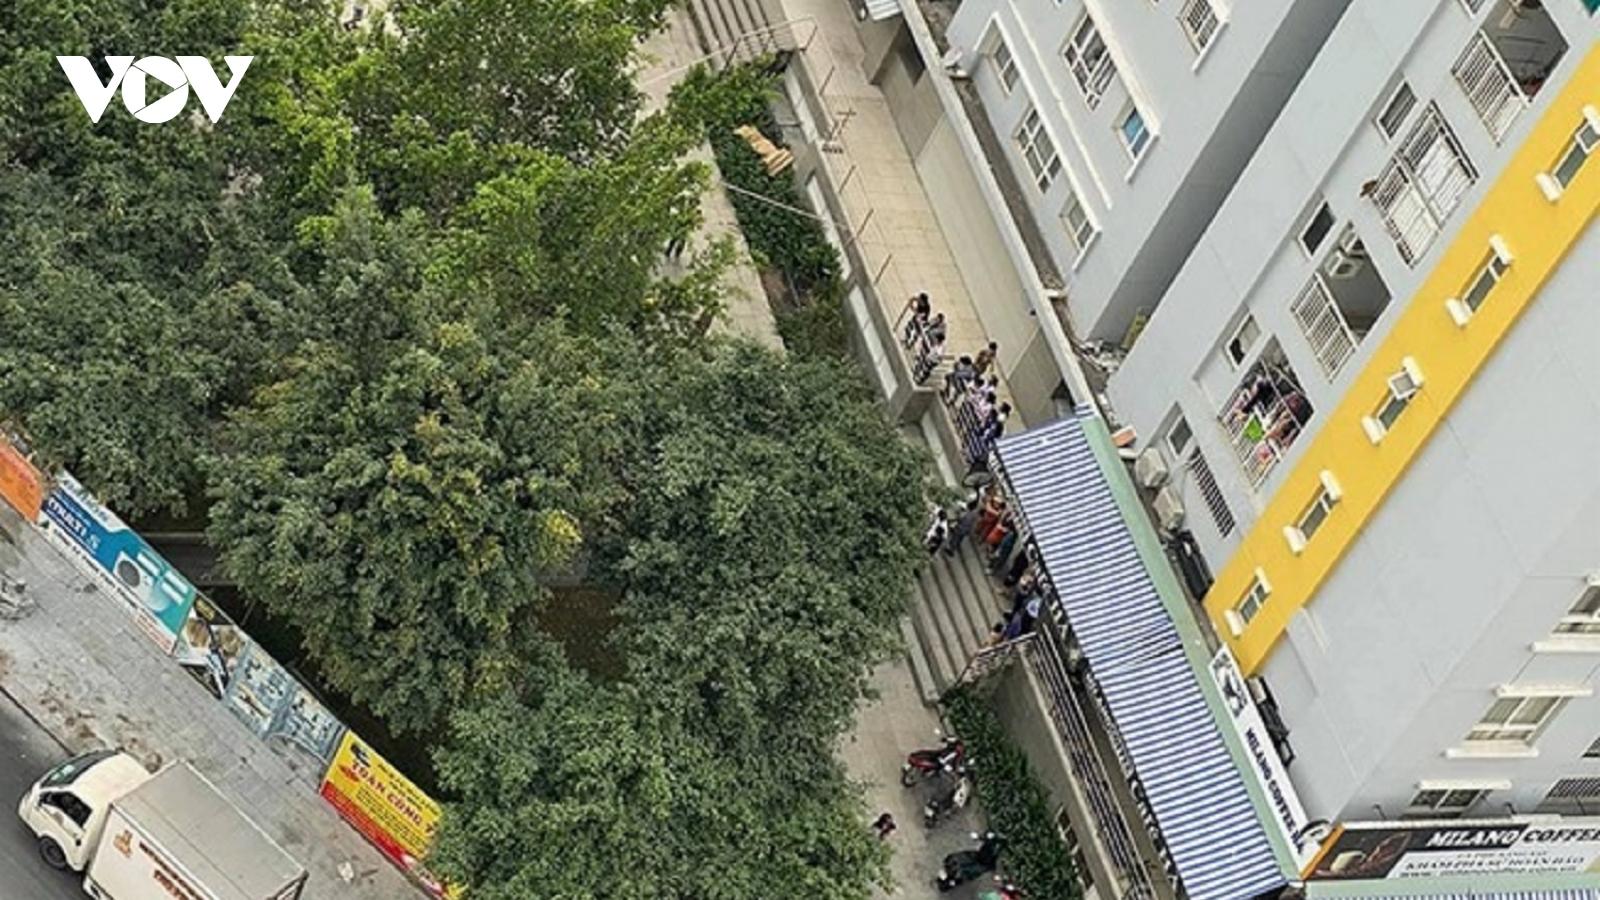 Chi cục trưởng Chi cục Thi hành án dân sự quận Bình Tân tử vong nghi rơi từ tầng cao